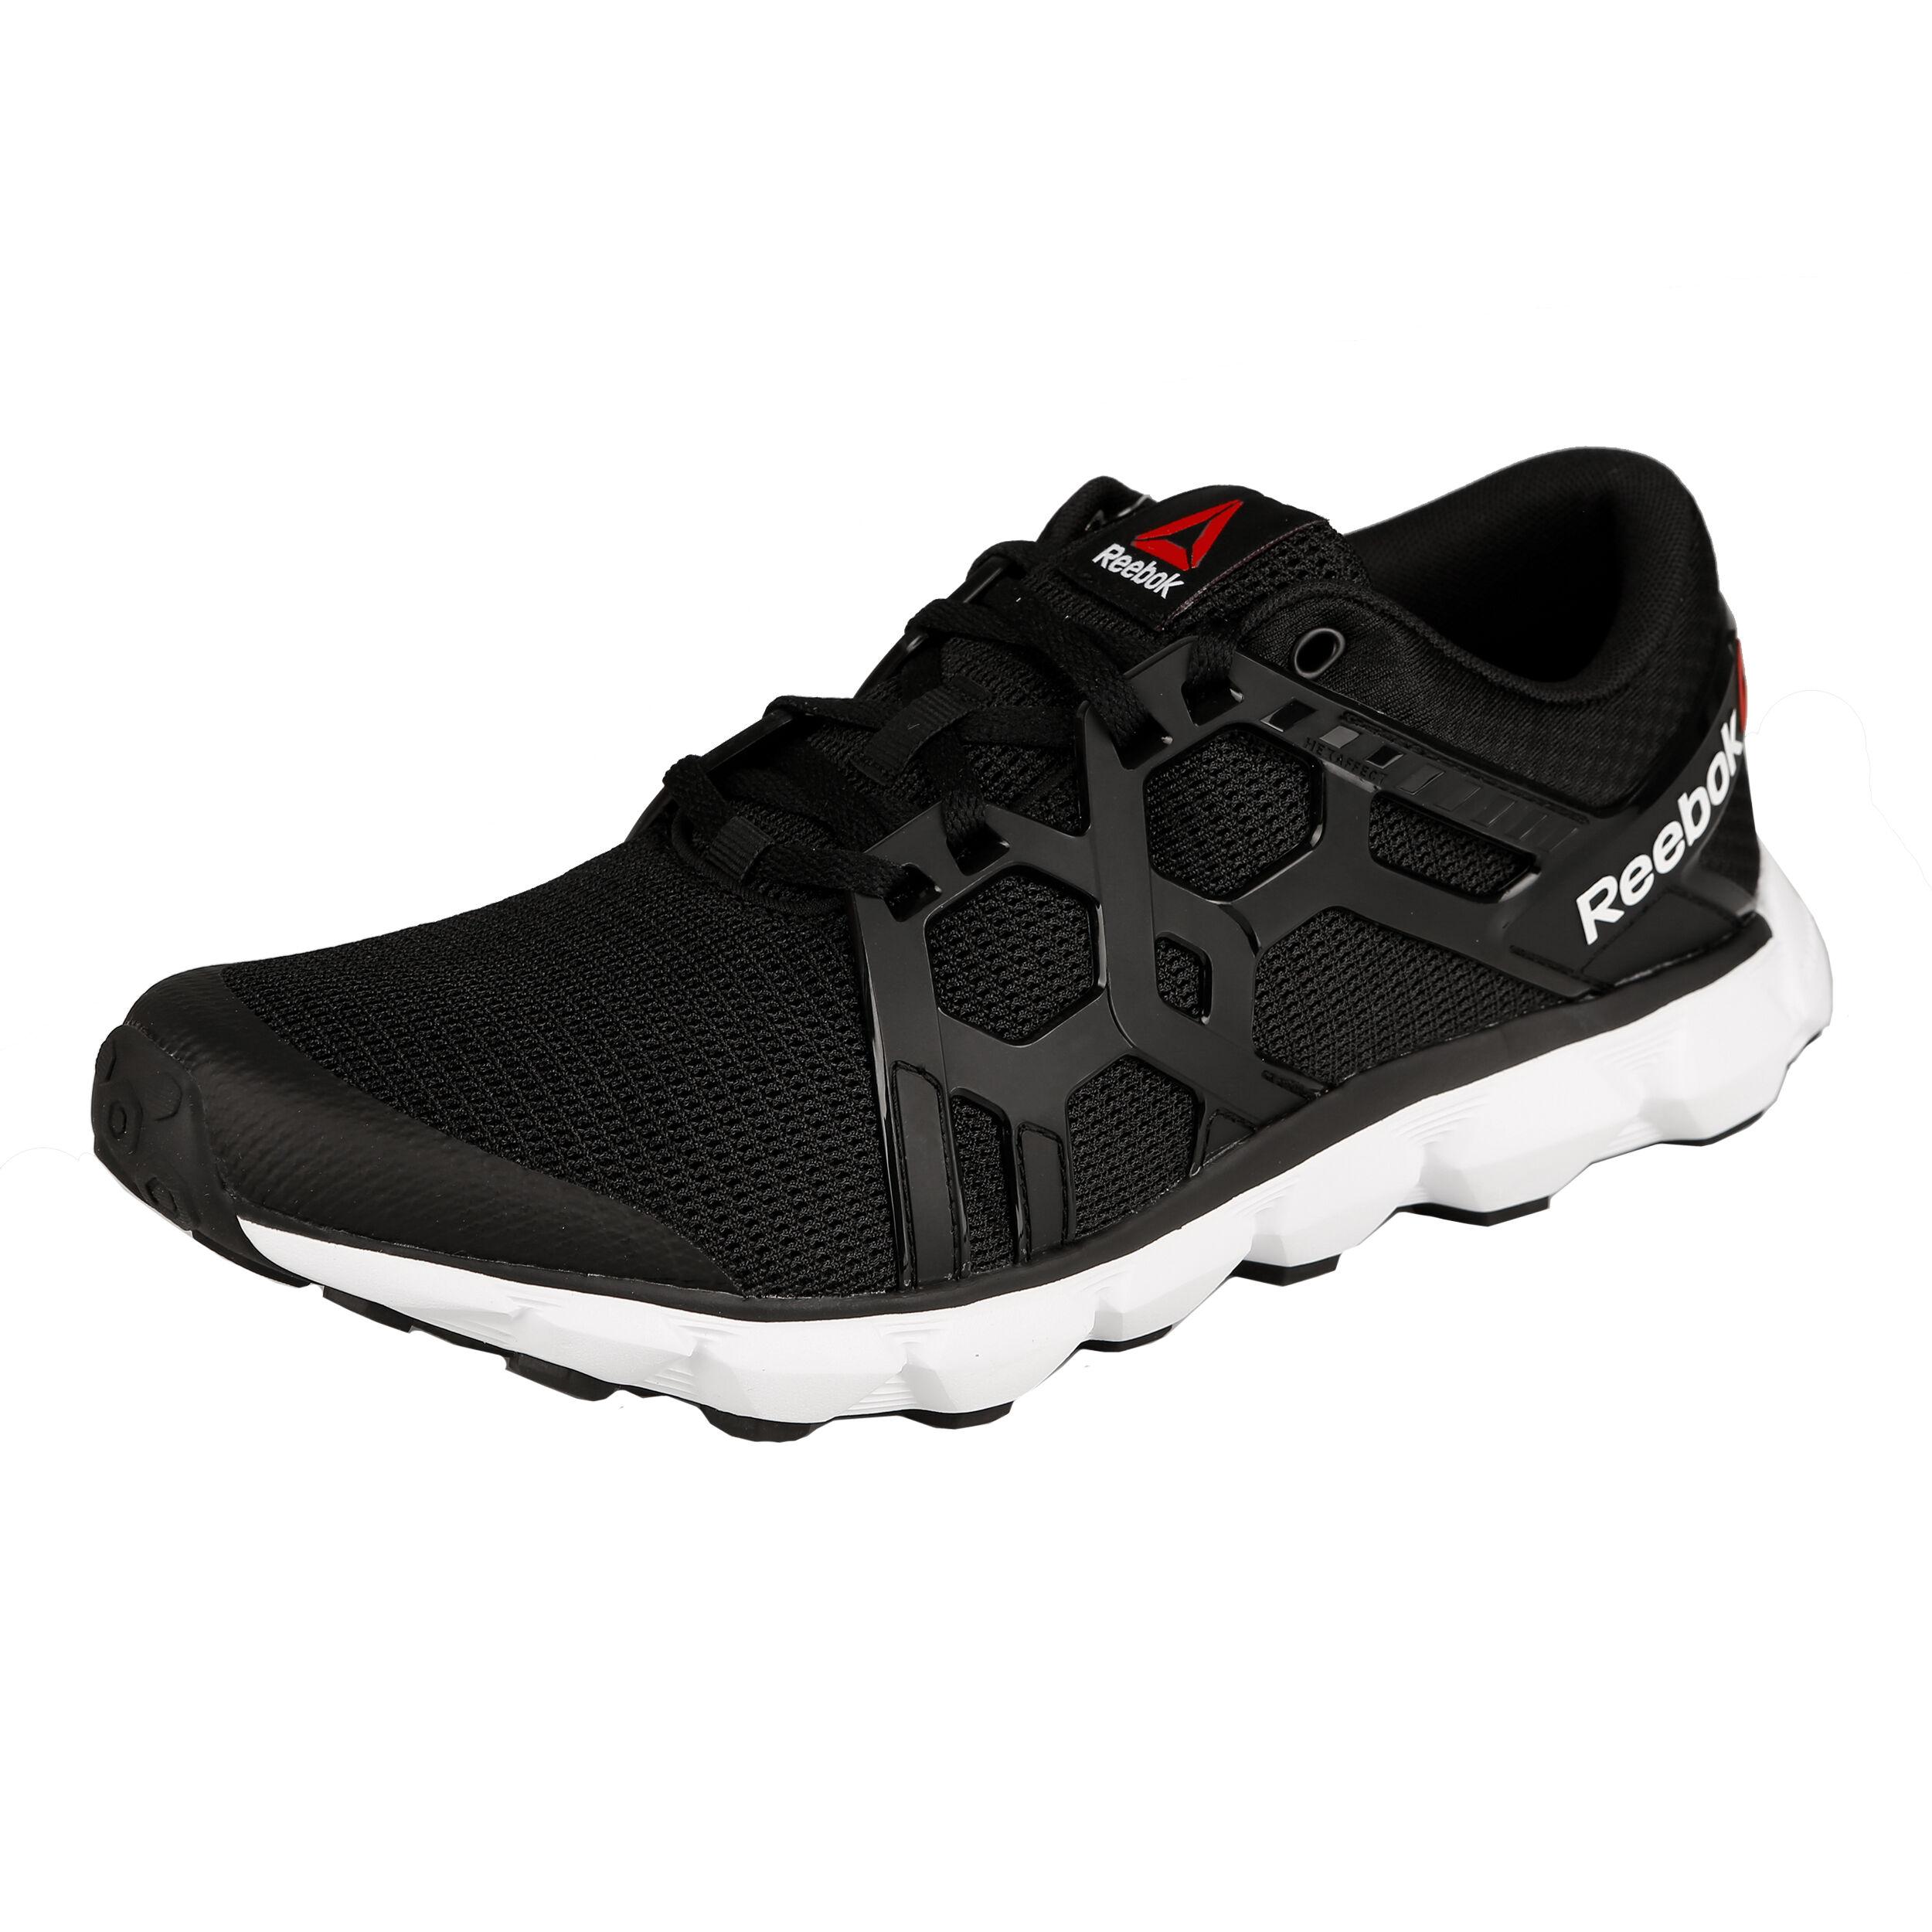 buy Reebok Hexaffect Run 4.0 Fitness